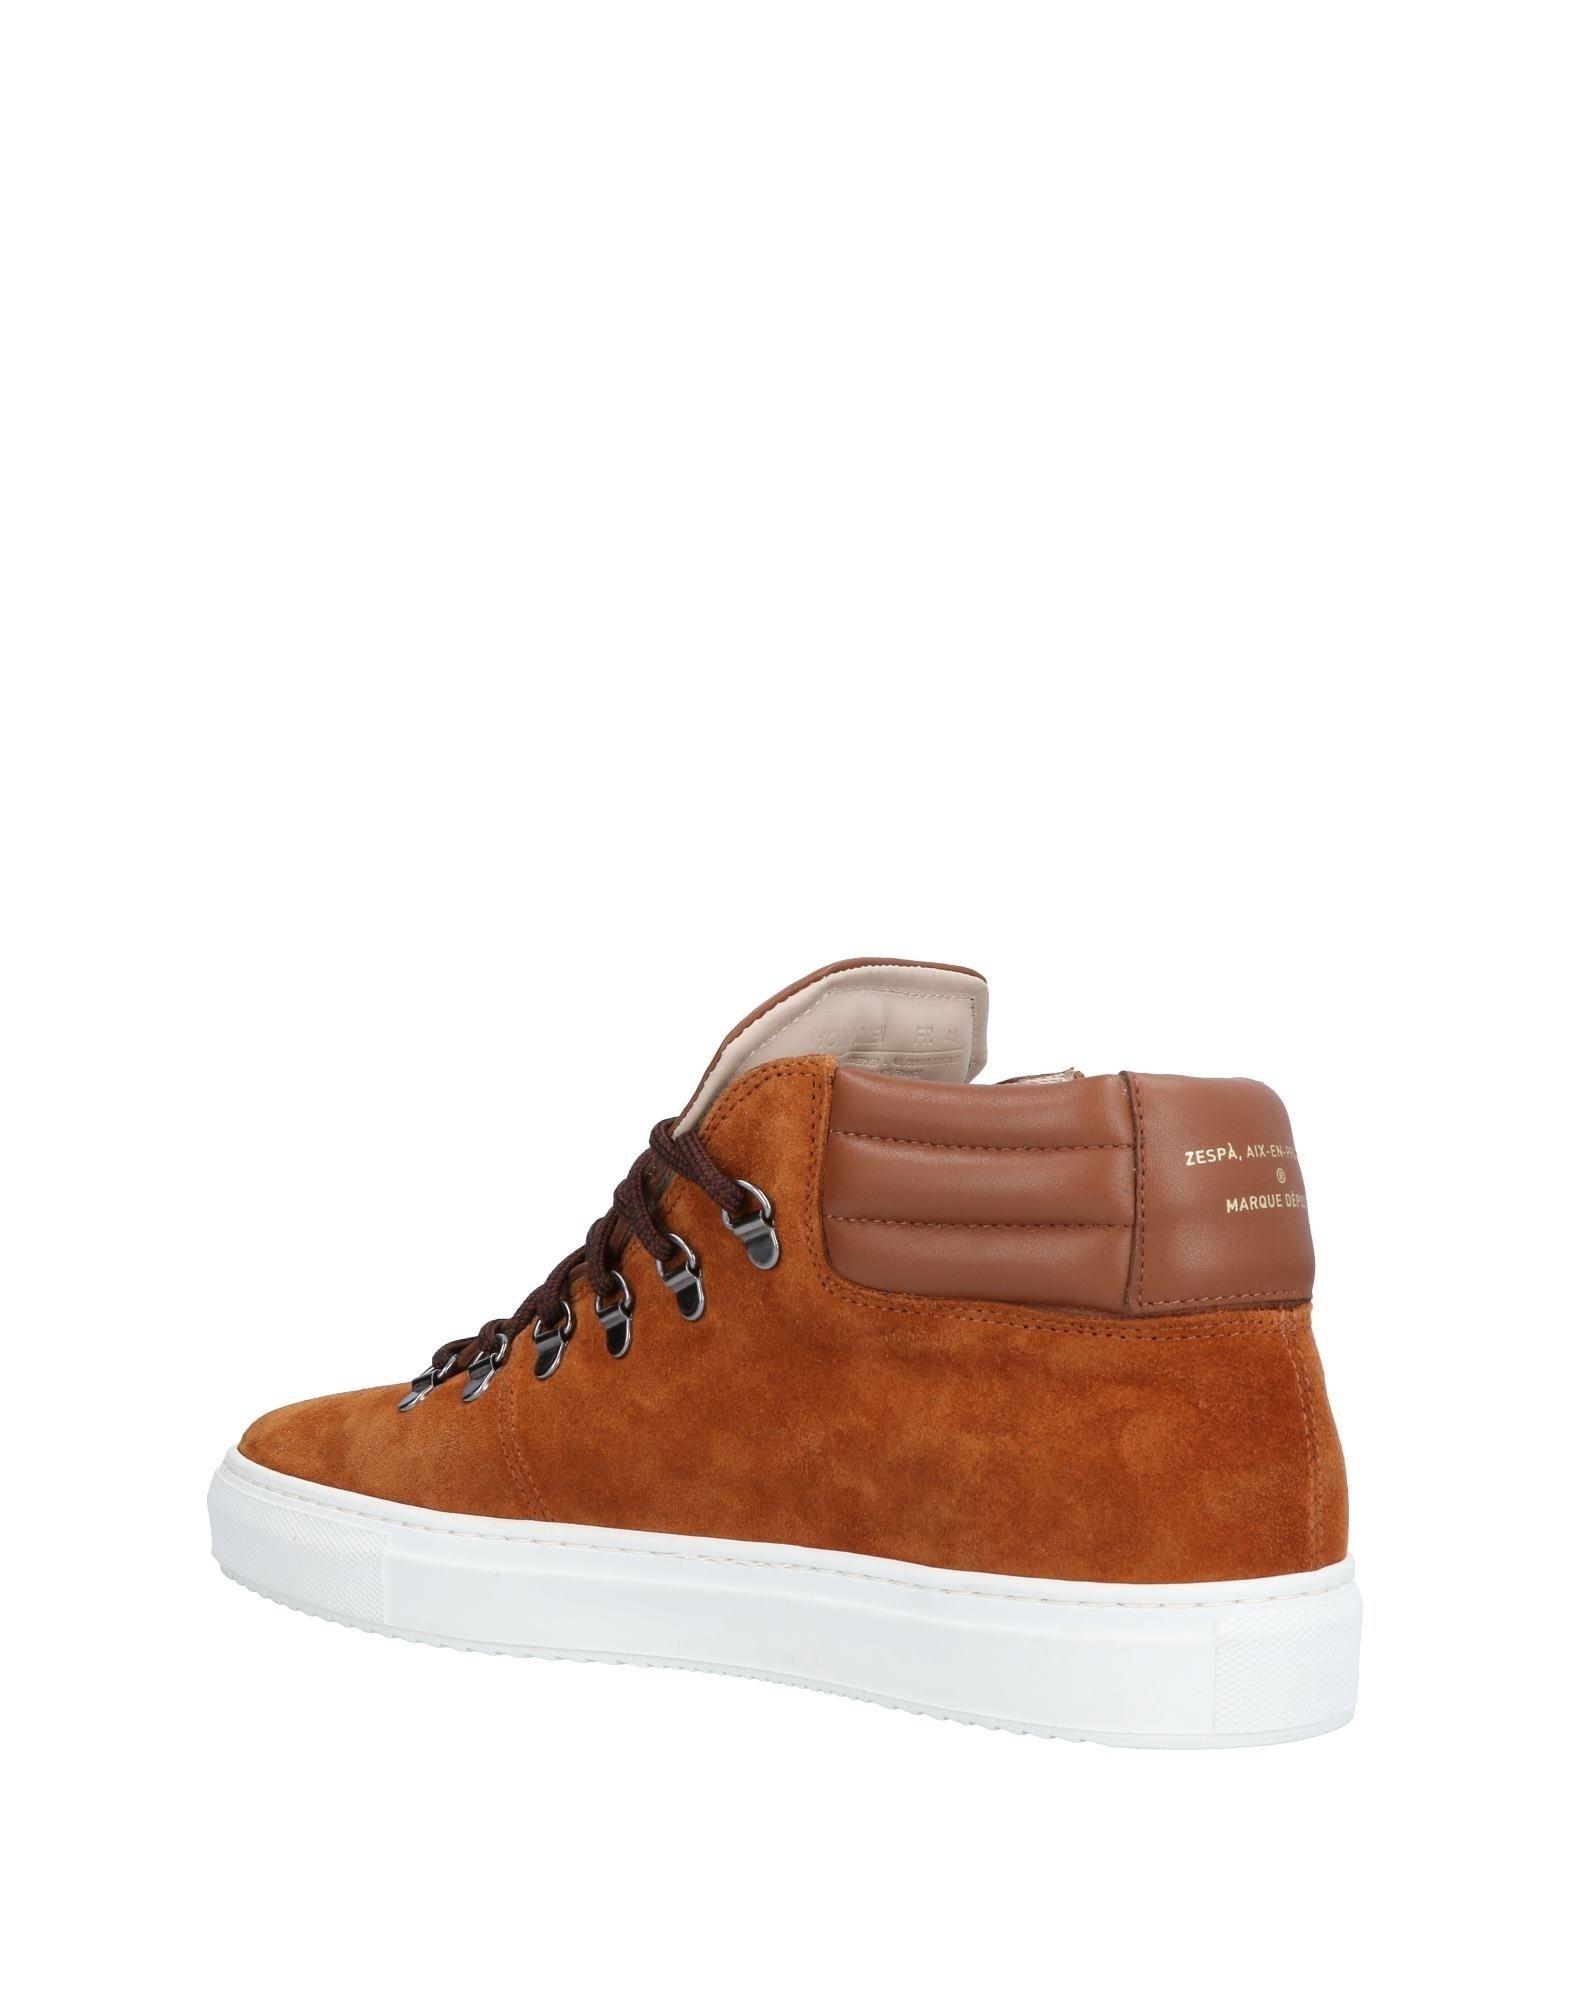 Zespà Sneakers Herren Heiße  11486060XK Heiße Herren Schuhe 0ede0f